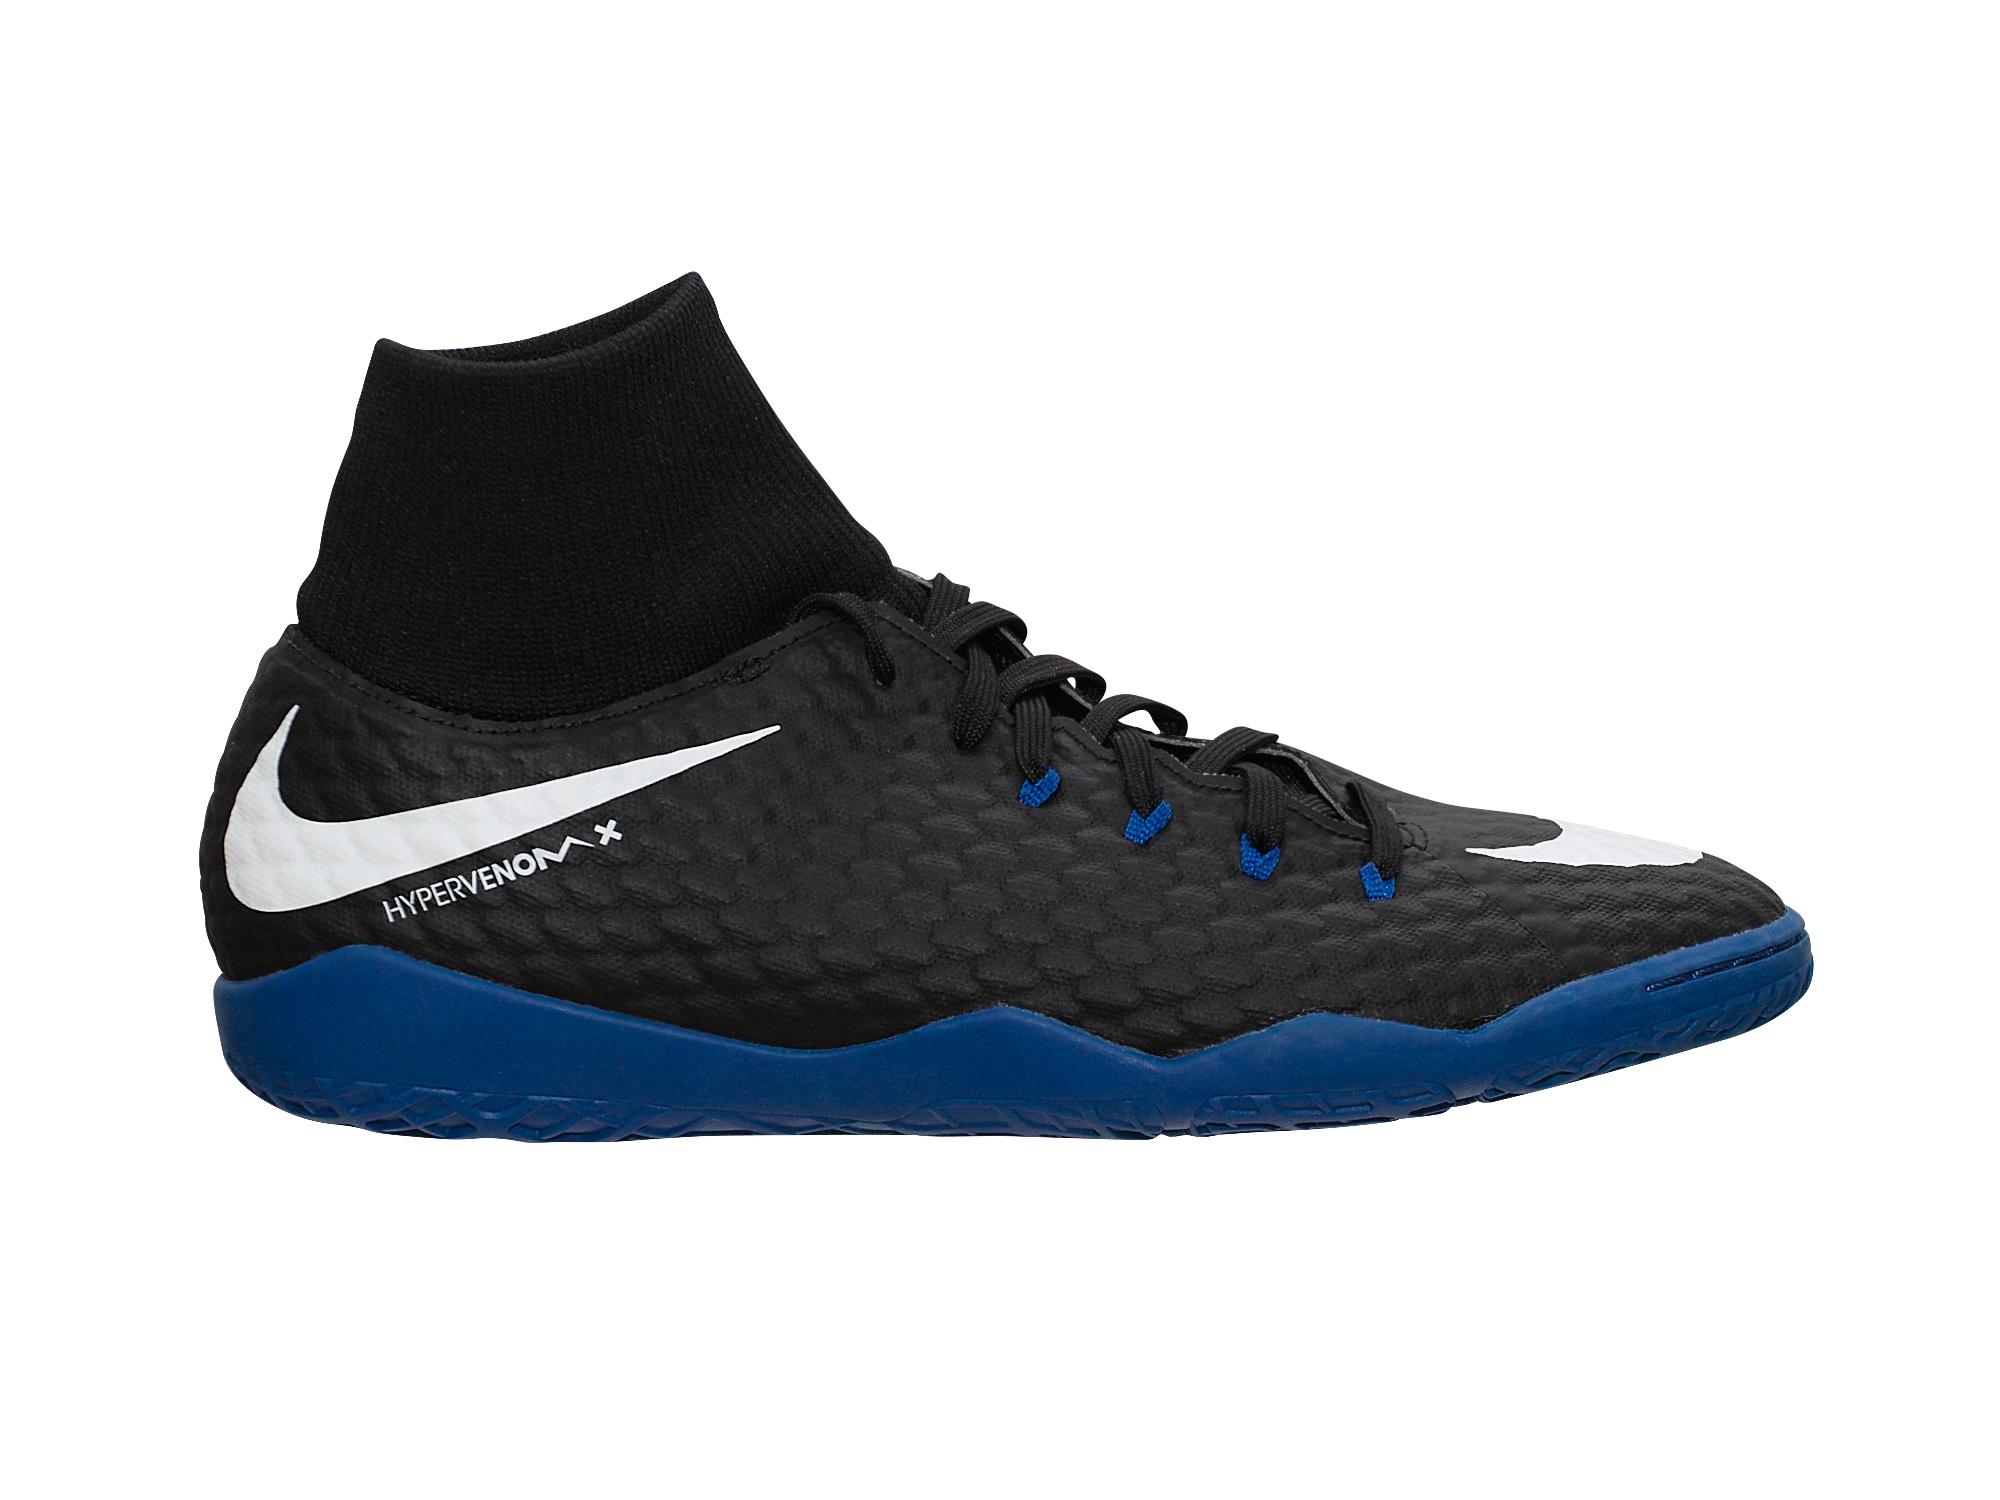 Nike Hypervenomx Phelon Iii Df Ic Herren Hallenschuhe 917768 002 Schwarz